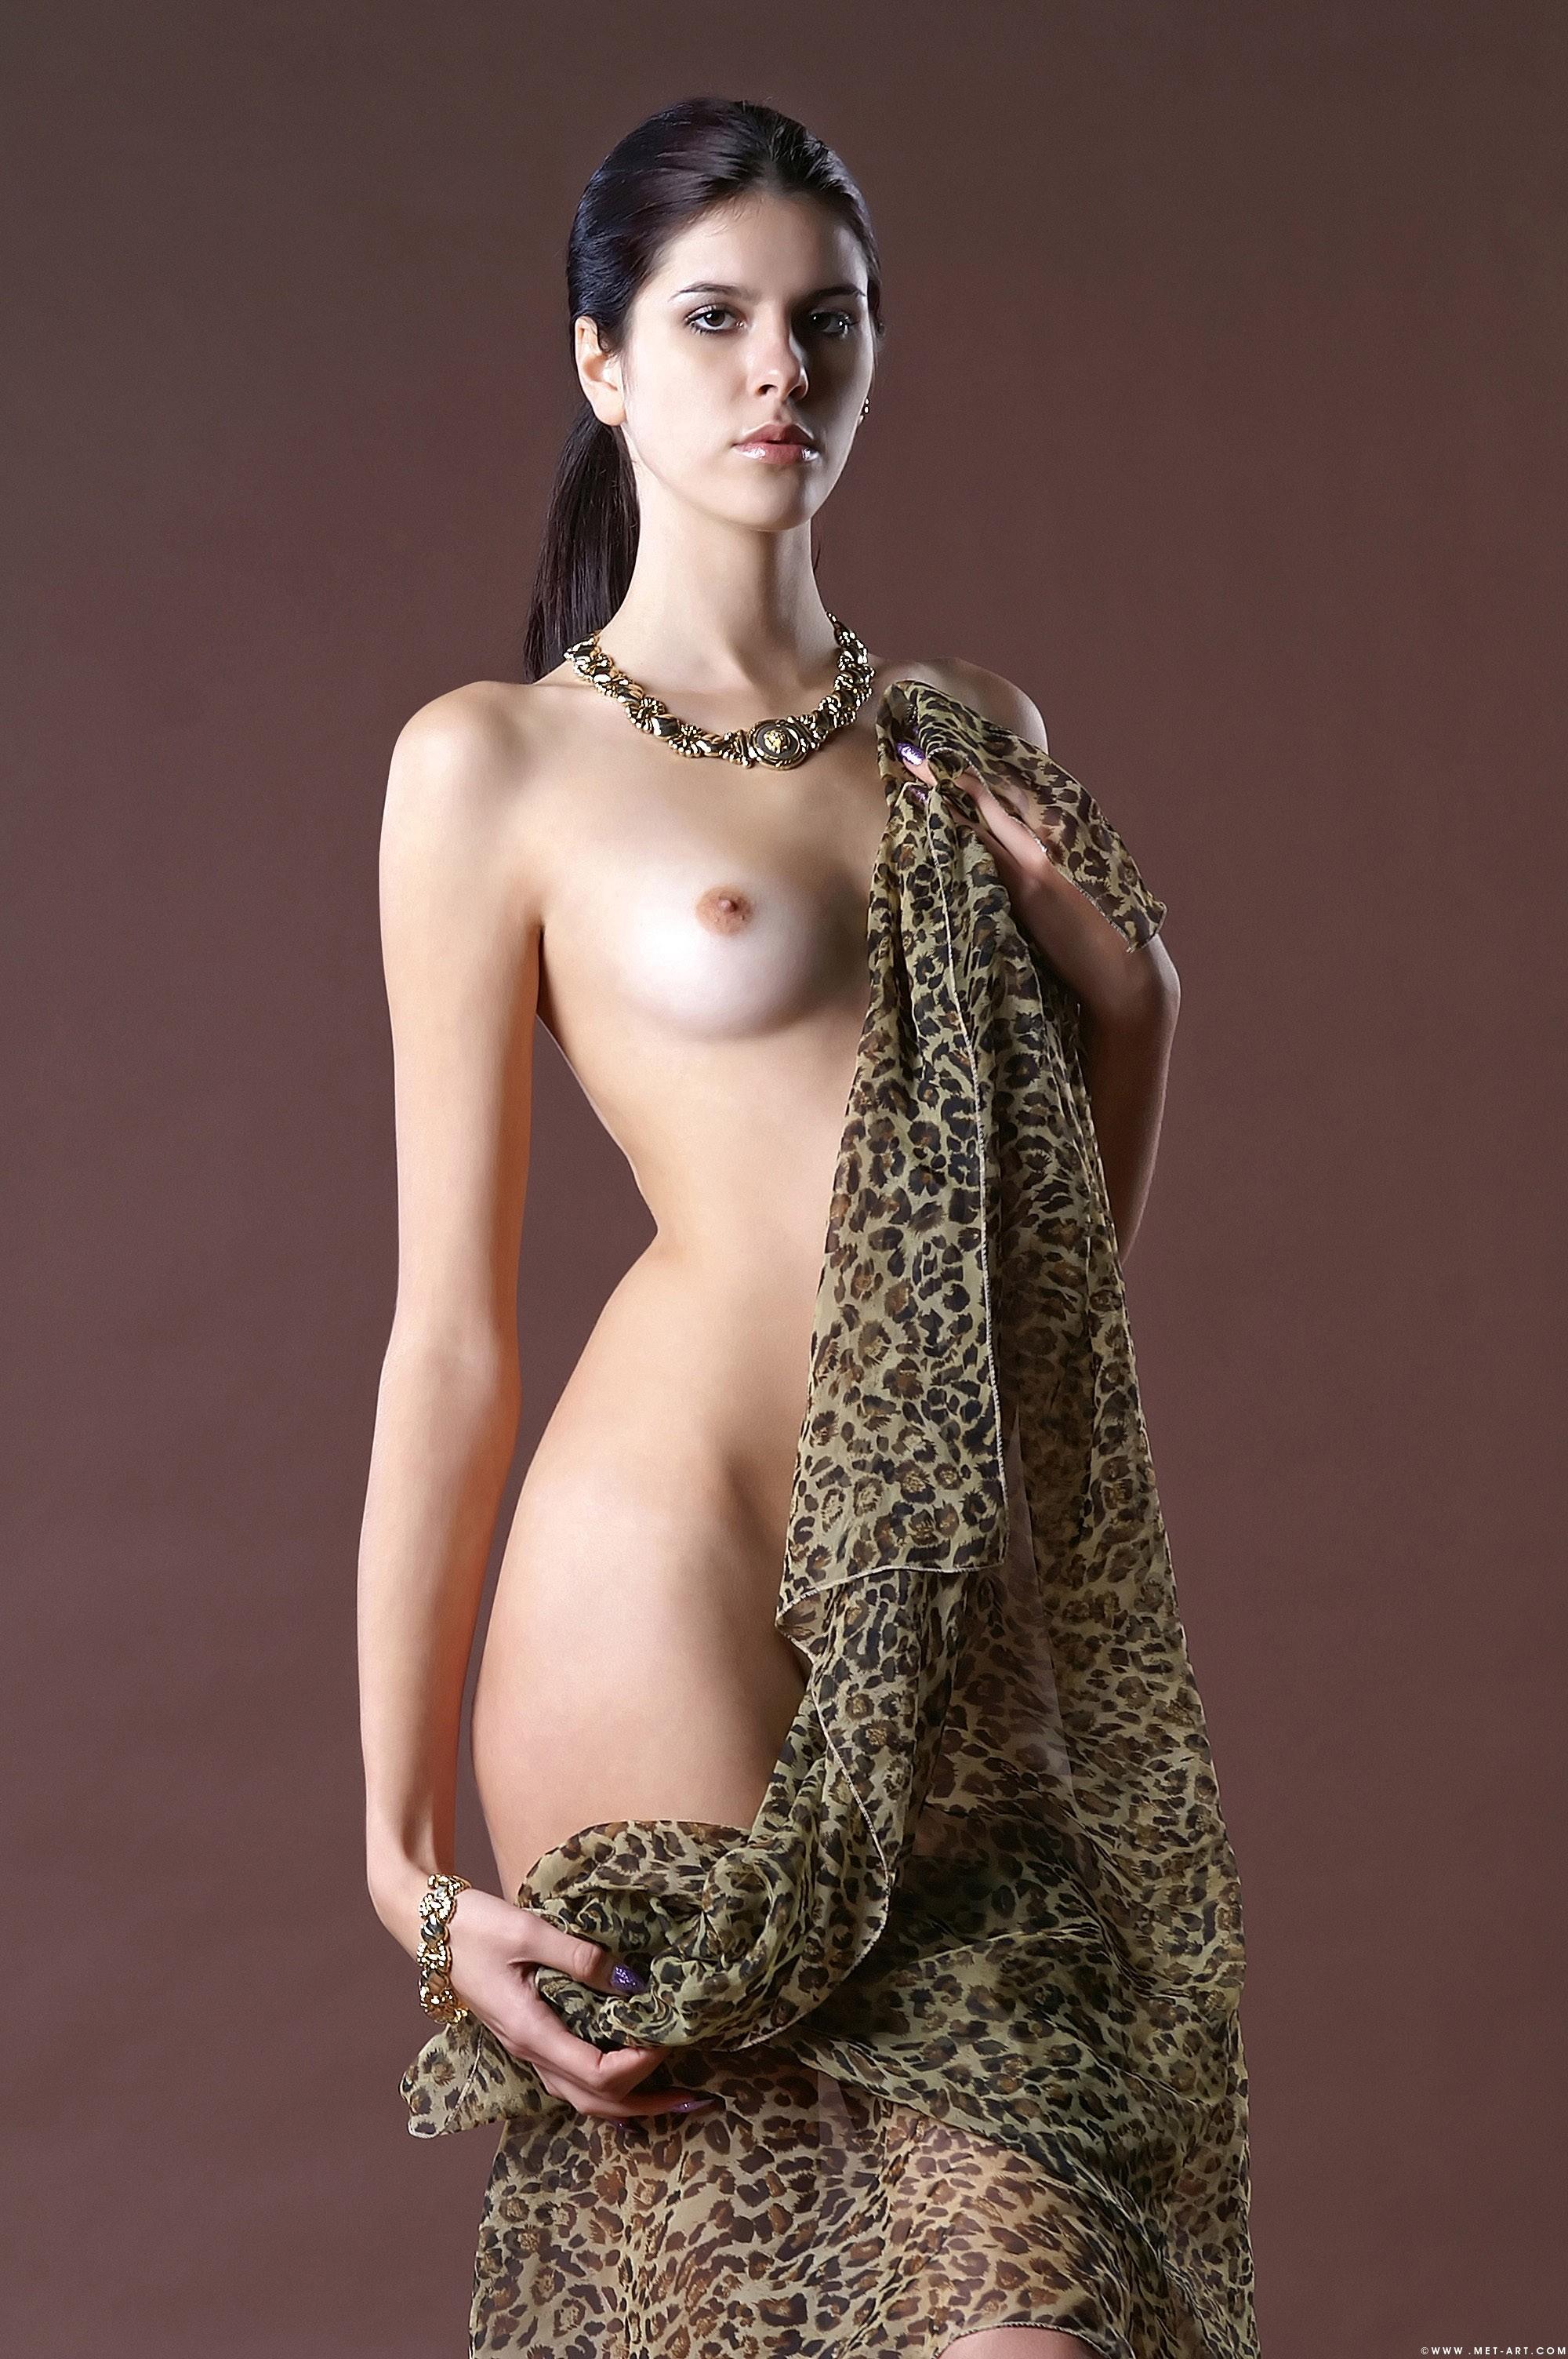 Эротика рассказ платок груди 3 фотография